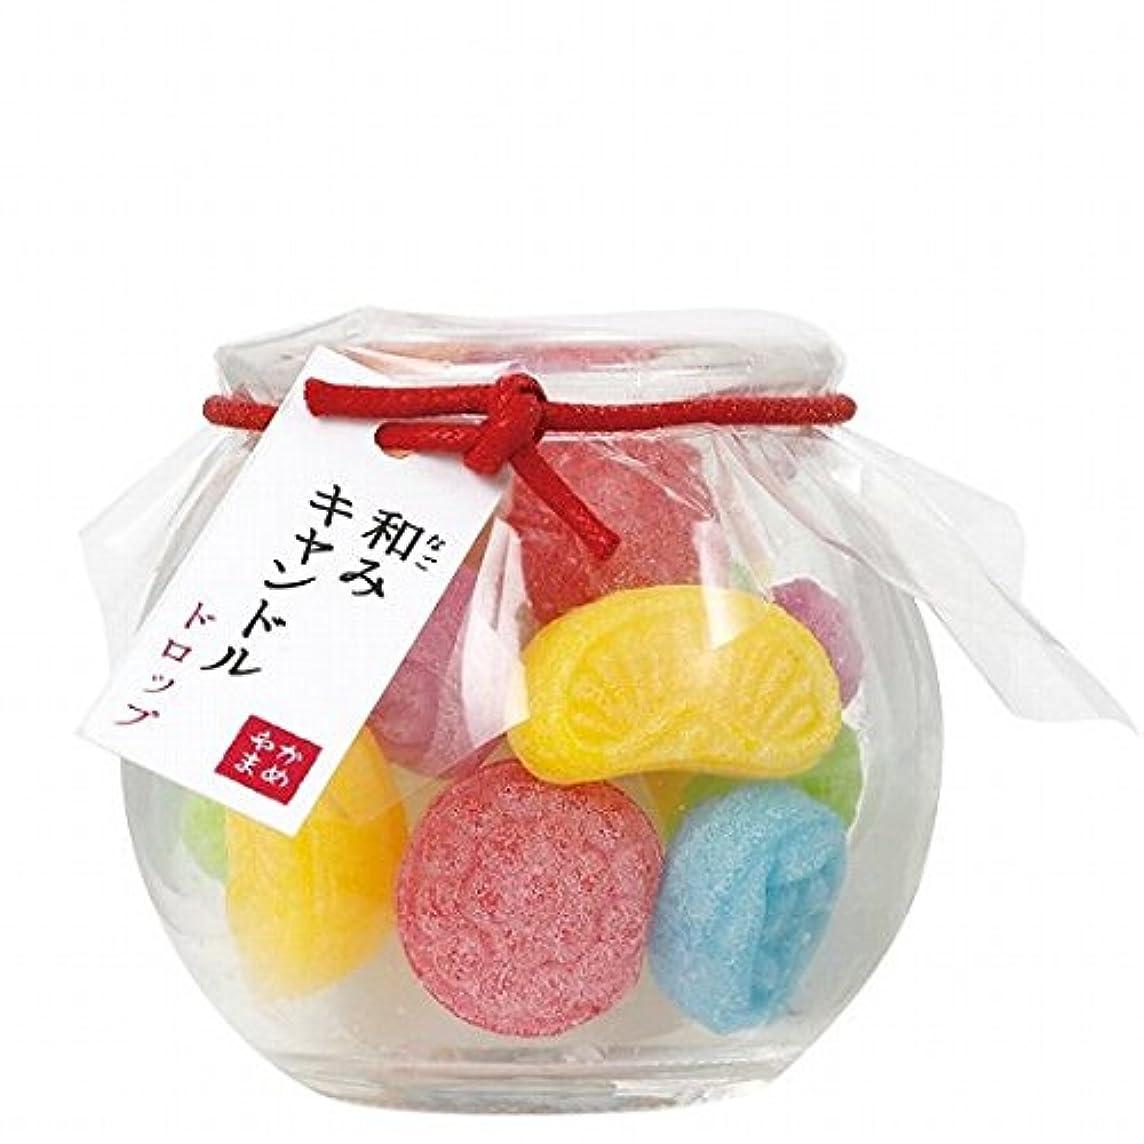 準備する副詞に関してカメヤマキャンドル(kameyama candle) 和みキャンドル 「ドロップ」